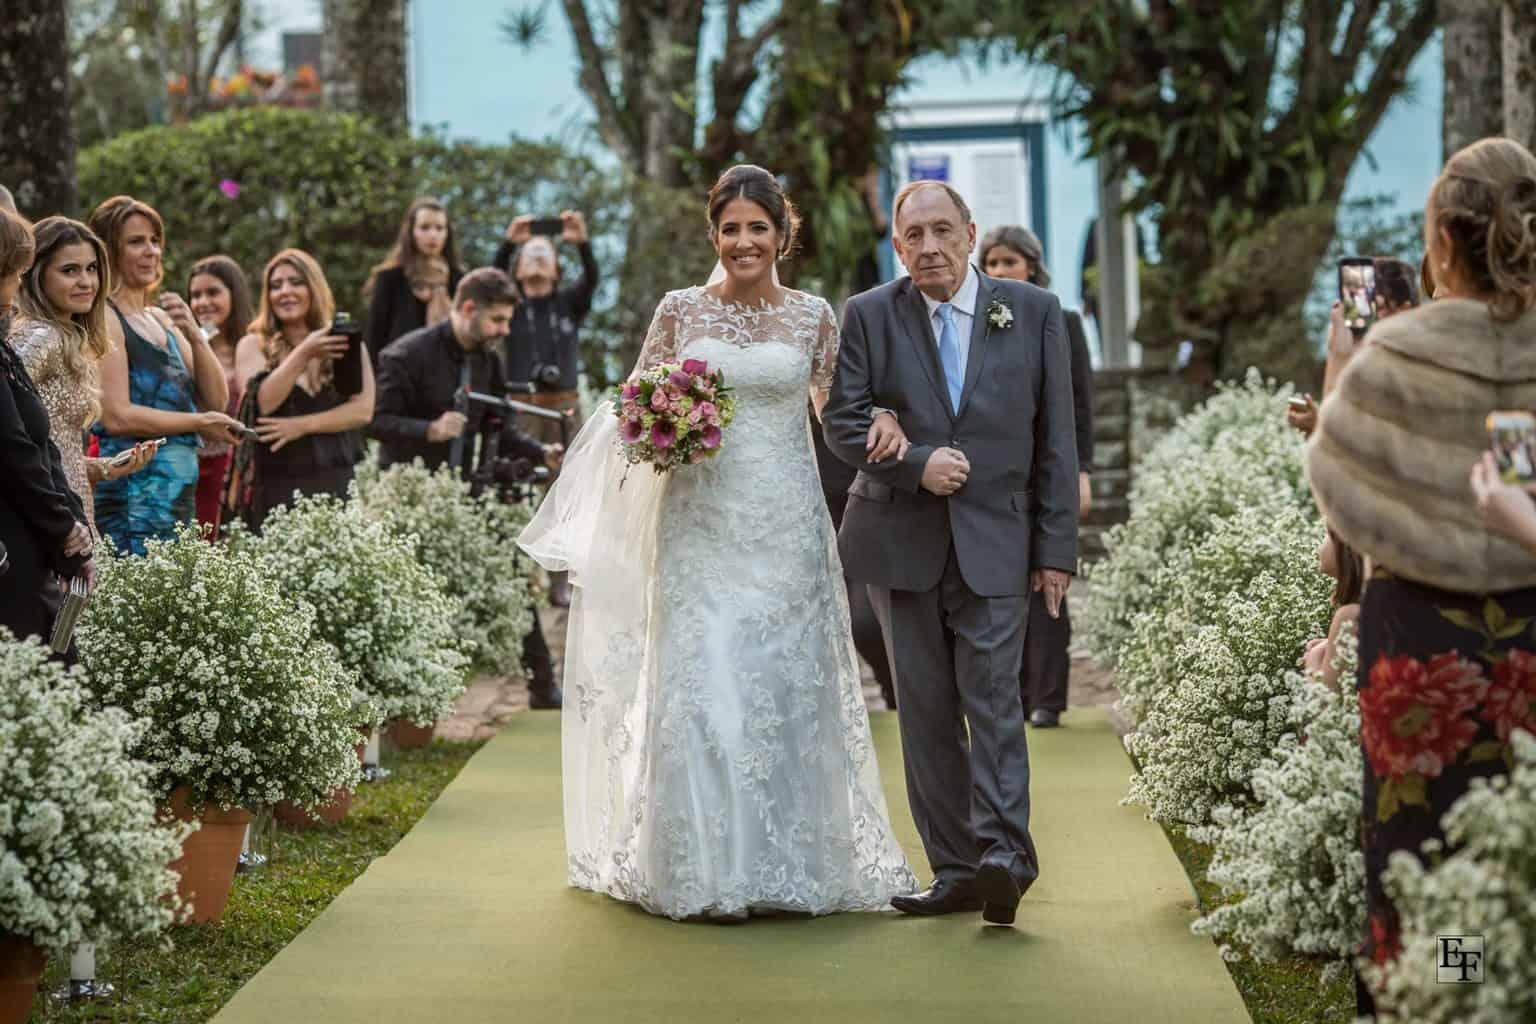 casamento-carolina-e-vitor-caseme-foto-edu-federice-20-1